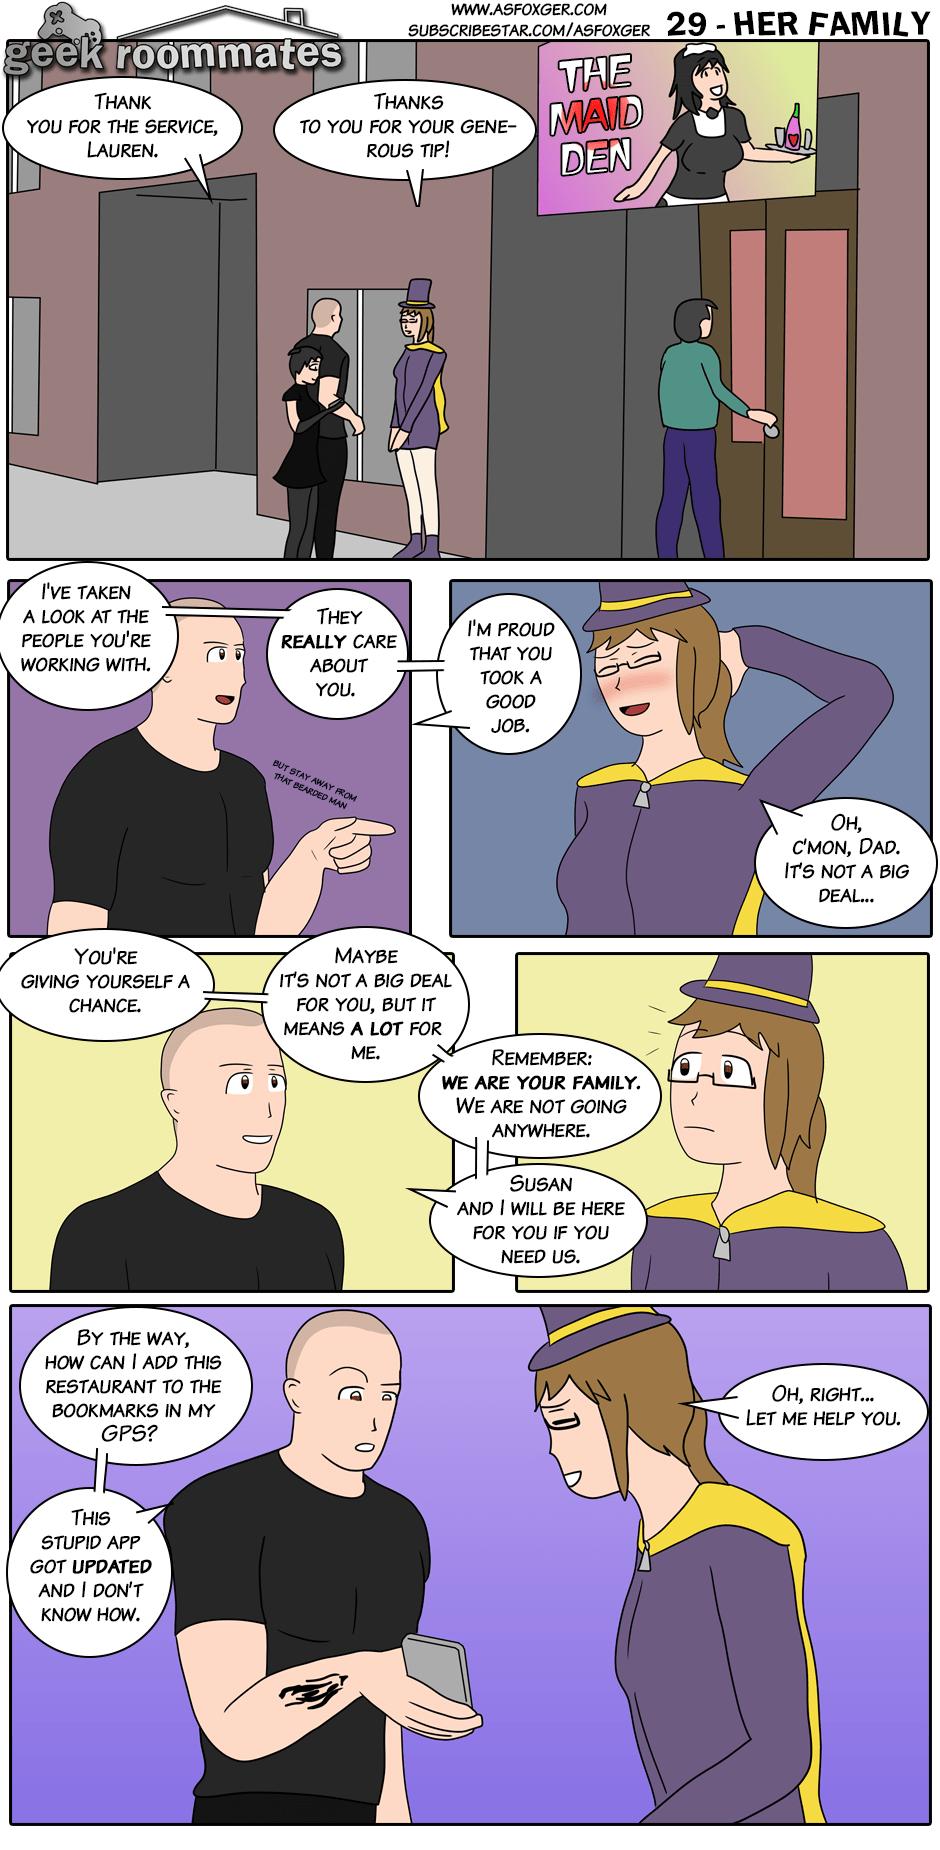 Her family